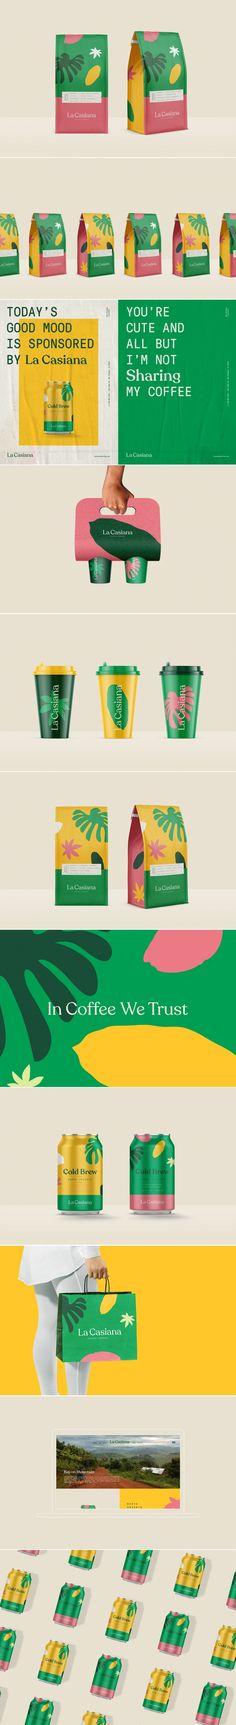 La Casiana coffee branding and packaging by Monajans – Fivestar Branding Agency Honey Packaging, Coffee Packaging, Coffee Branding, Food Packaging, Brand Packaging, Packaging Design, Collateral Design, Brand Identity Design, Graphic Design Branding